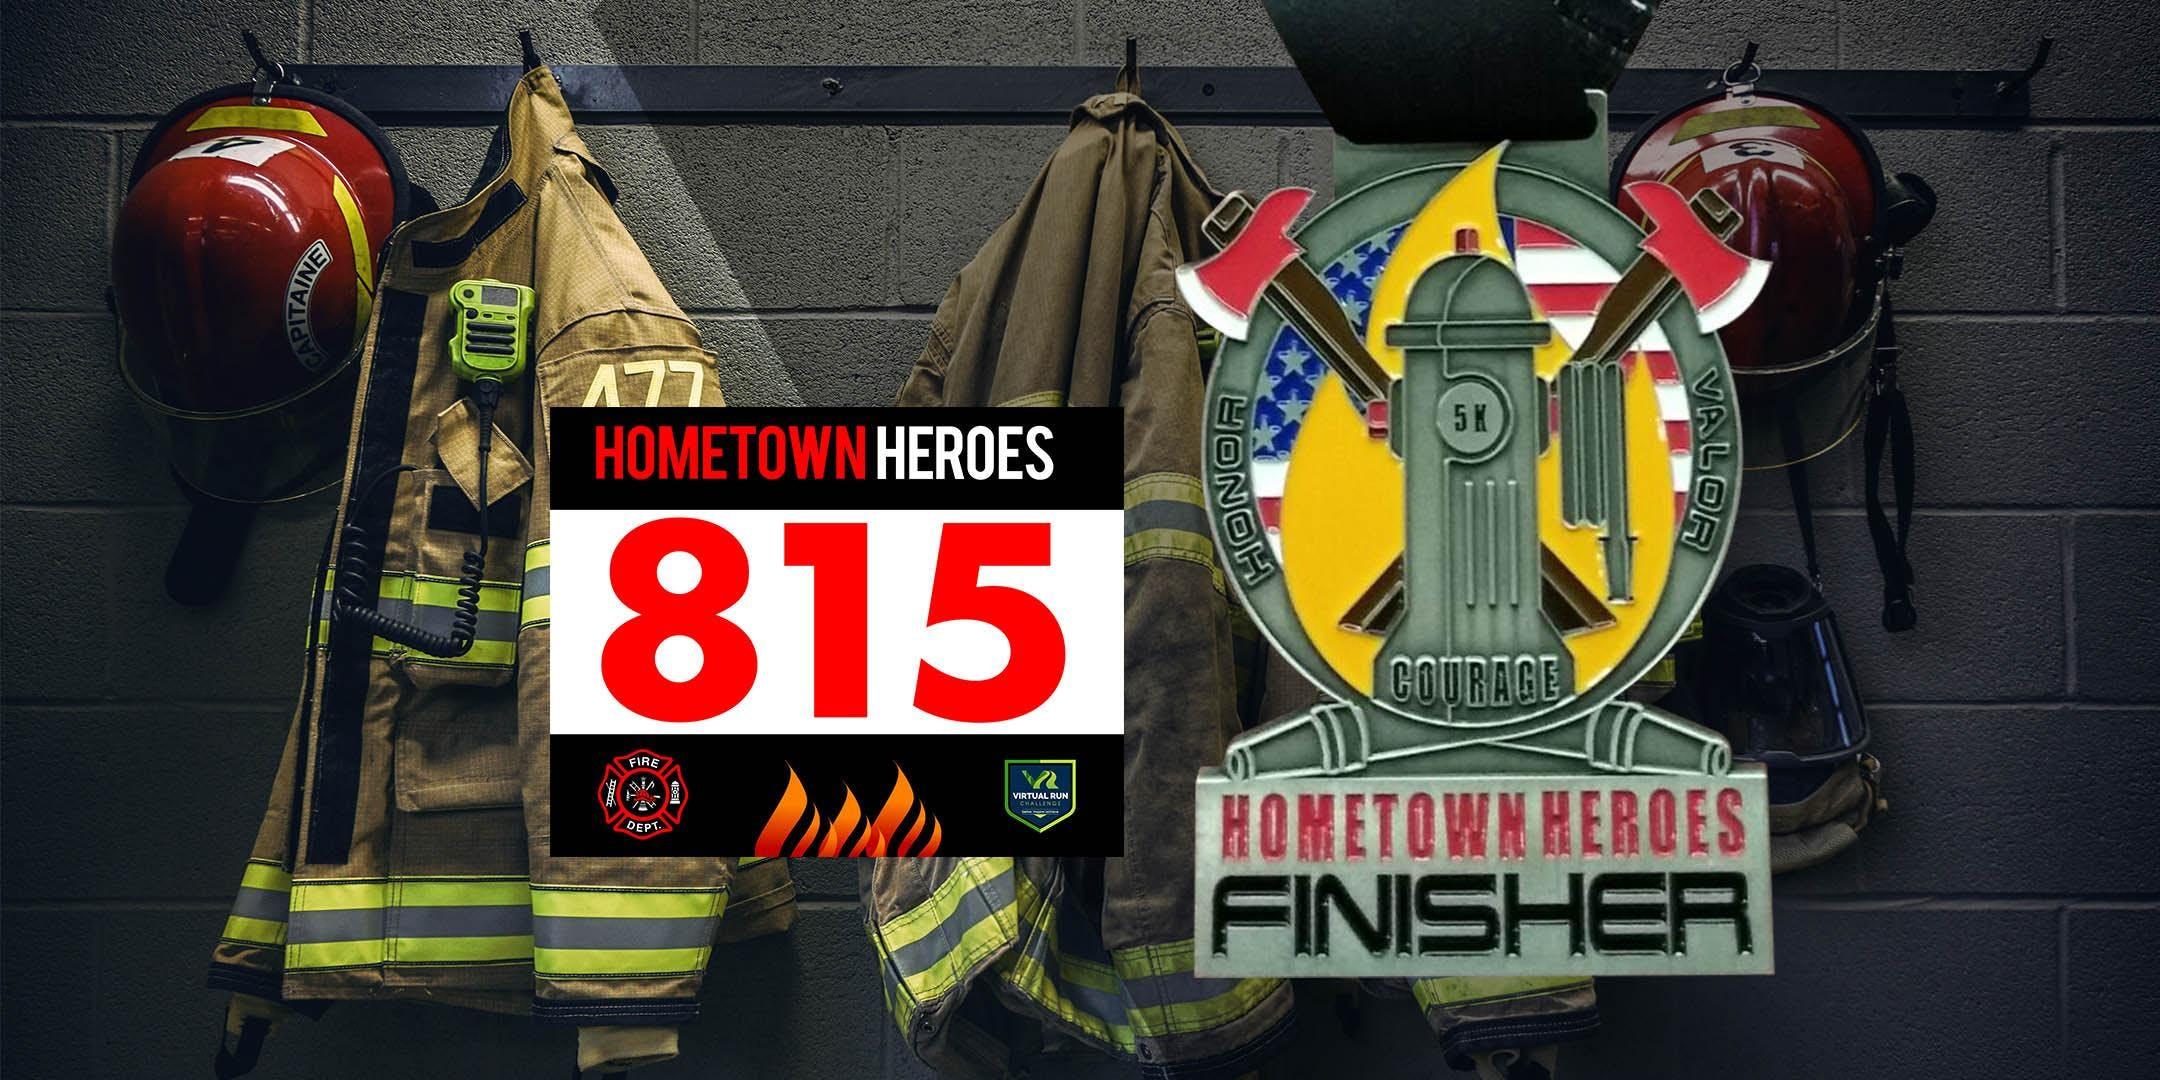 Hometown Heroes Firefighter Virtual 5k Run Walk - Los Angeles